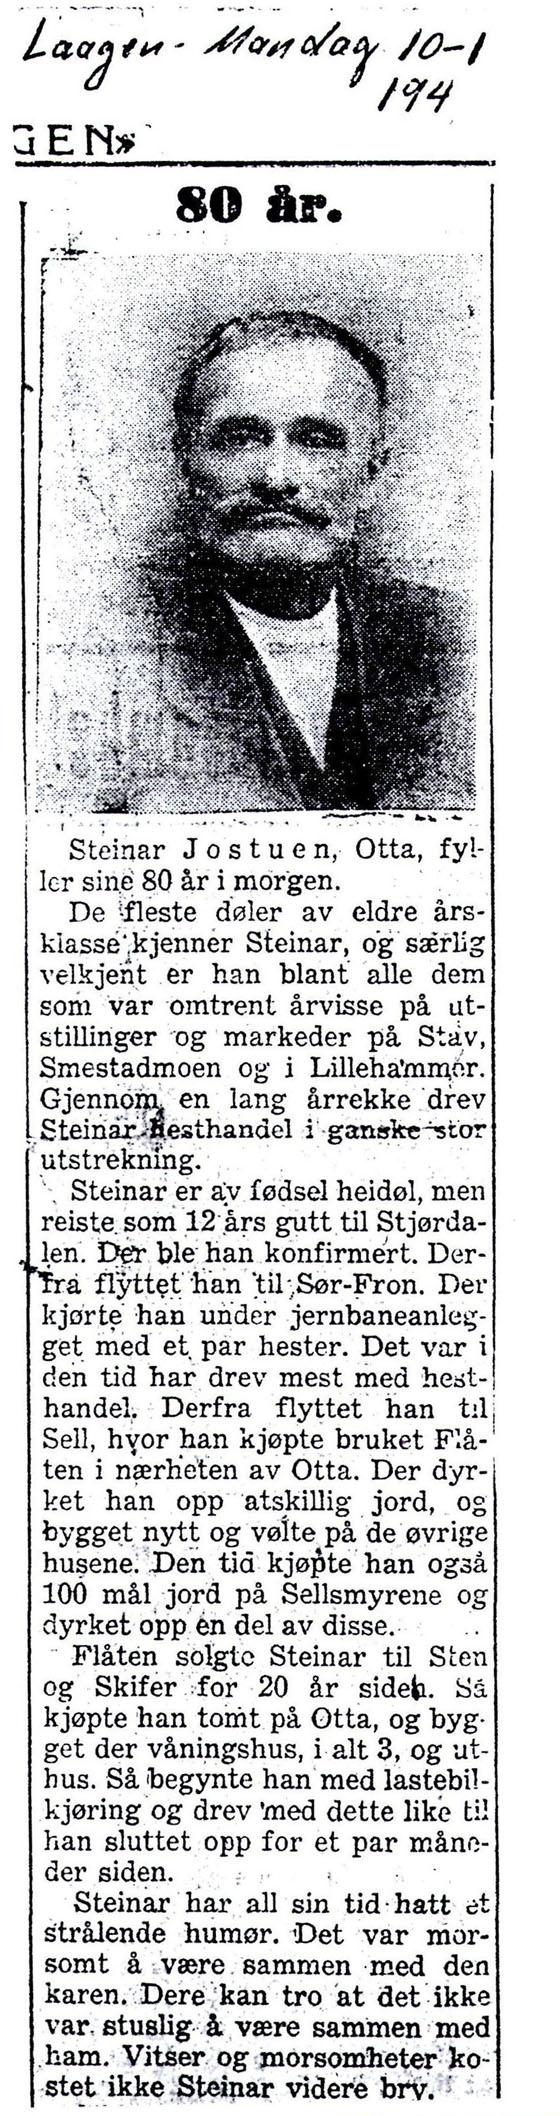 Utklipp fra avisa Laagen i 1944, da Steinar Jostuen fylte 80 år.